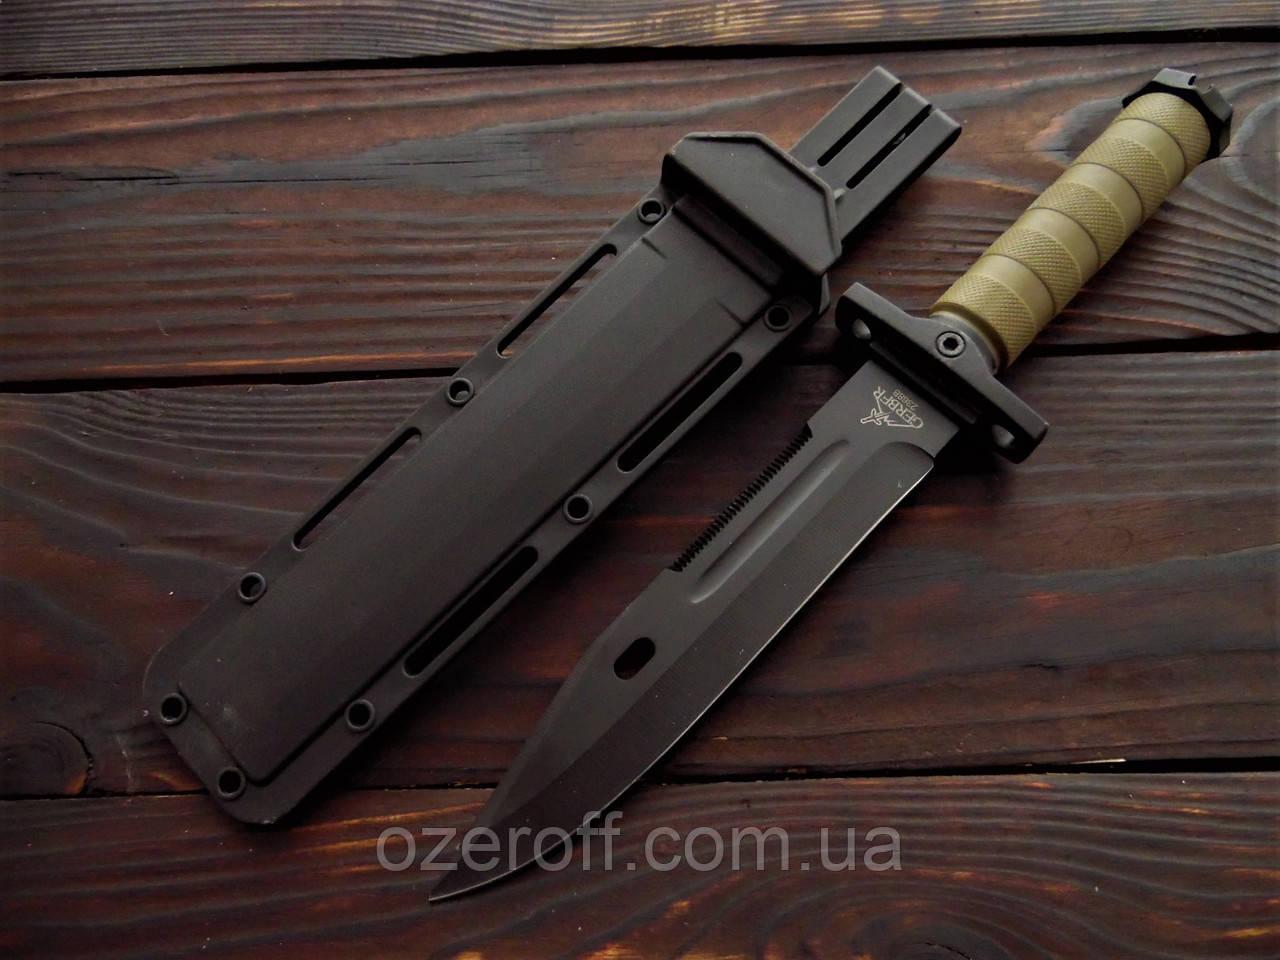 Охотничий нож с пластиковыми ножнами 35 см. Нож для охоты с серрейтором